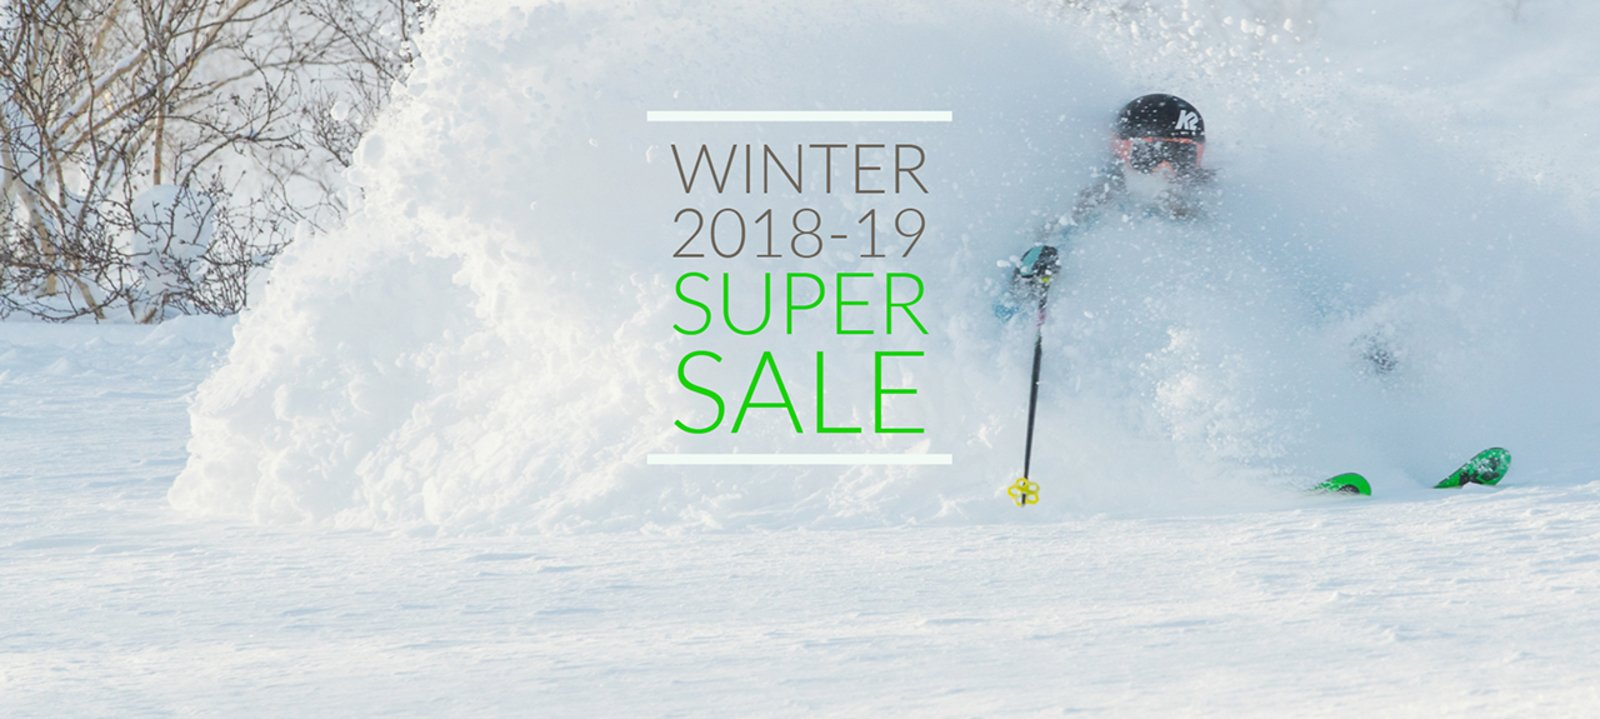 Winter 2018-19 SUPER SALE